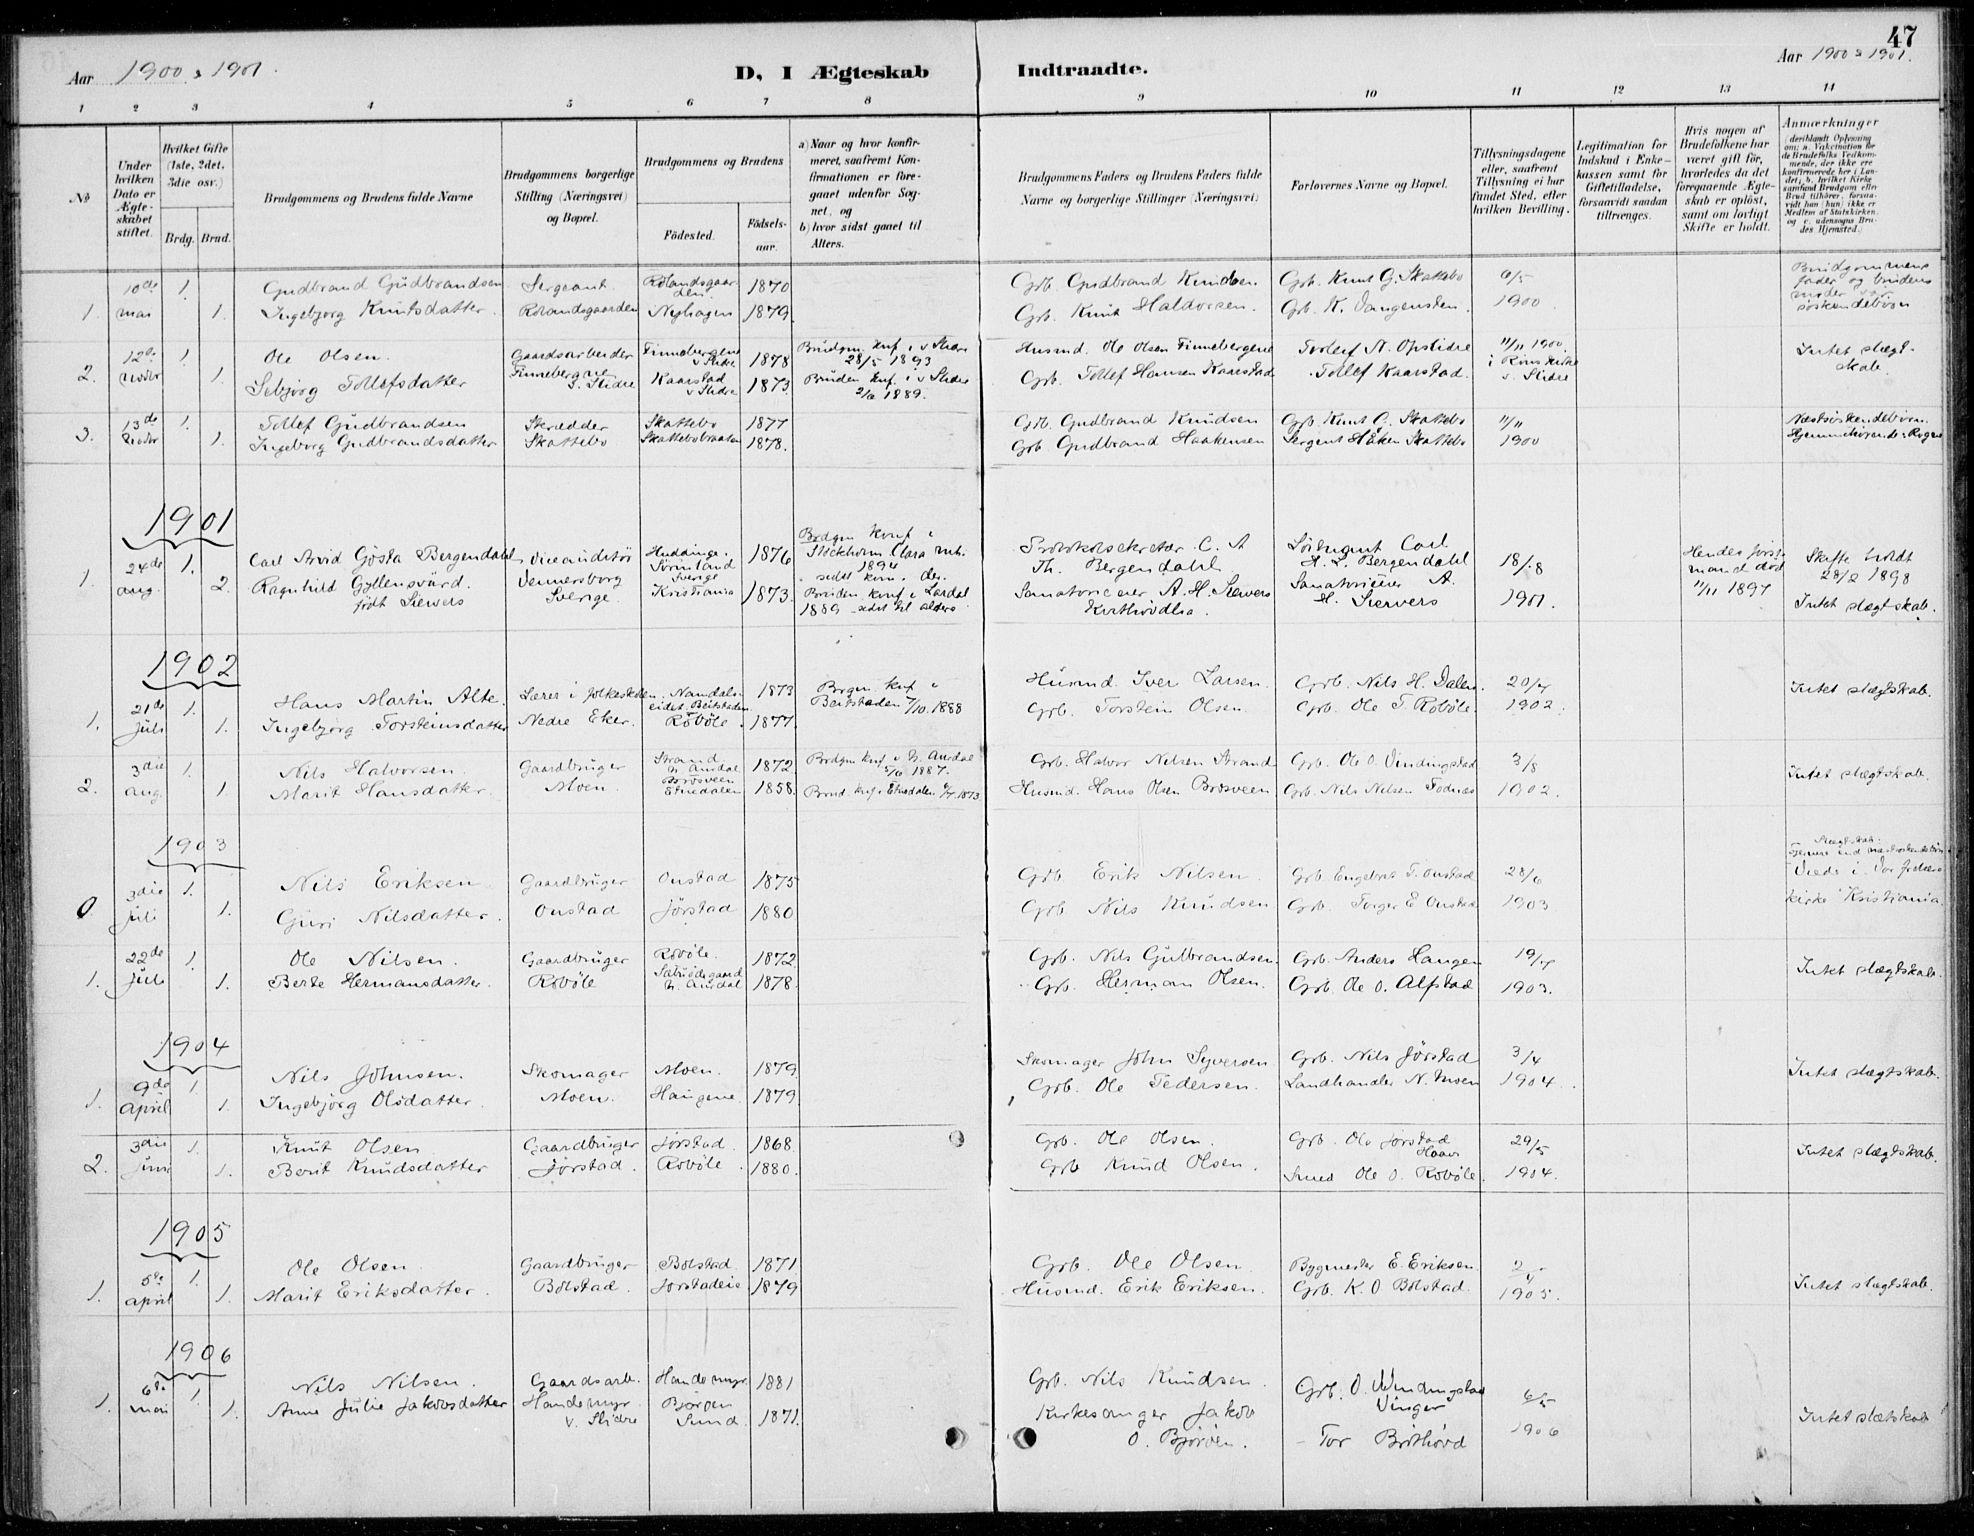 SAH, Øystre Slidre prestekontor, Ministerialbok nr. 5, 1887-1916, s. 47